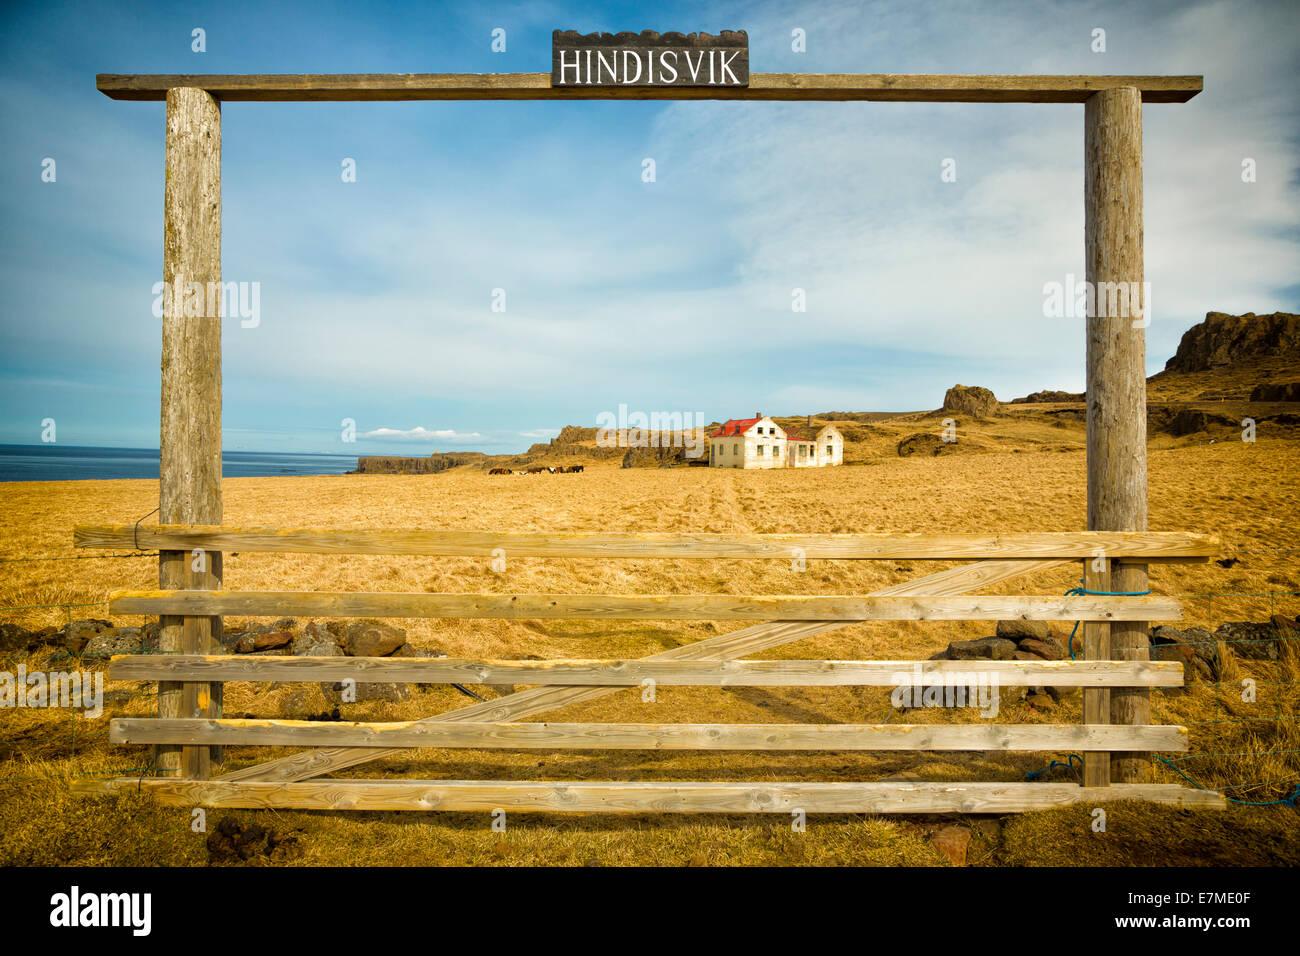 Die verlassenen alten Bauernhaus am Hindisvík an der Nordspitze der Halbinsel Vatnsnes, Island Stockbild